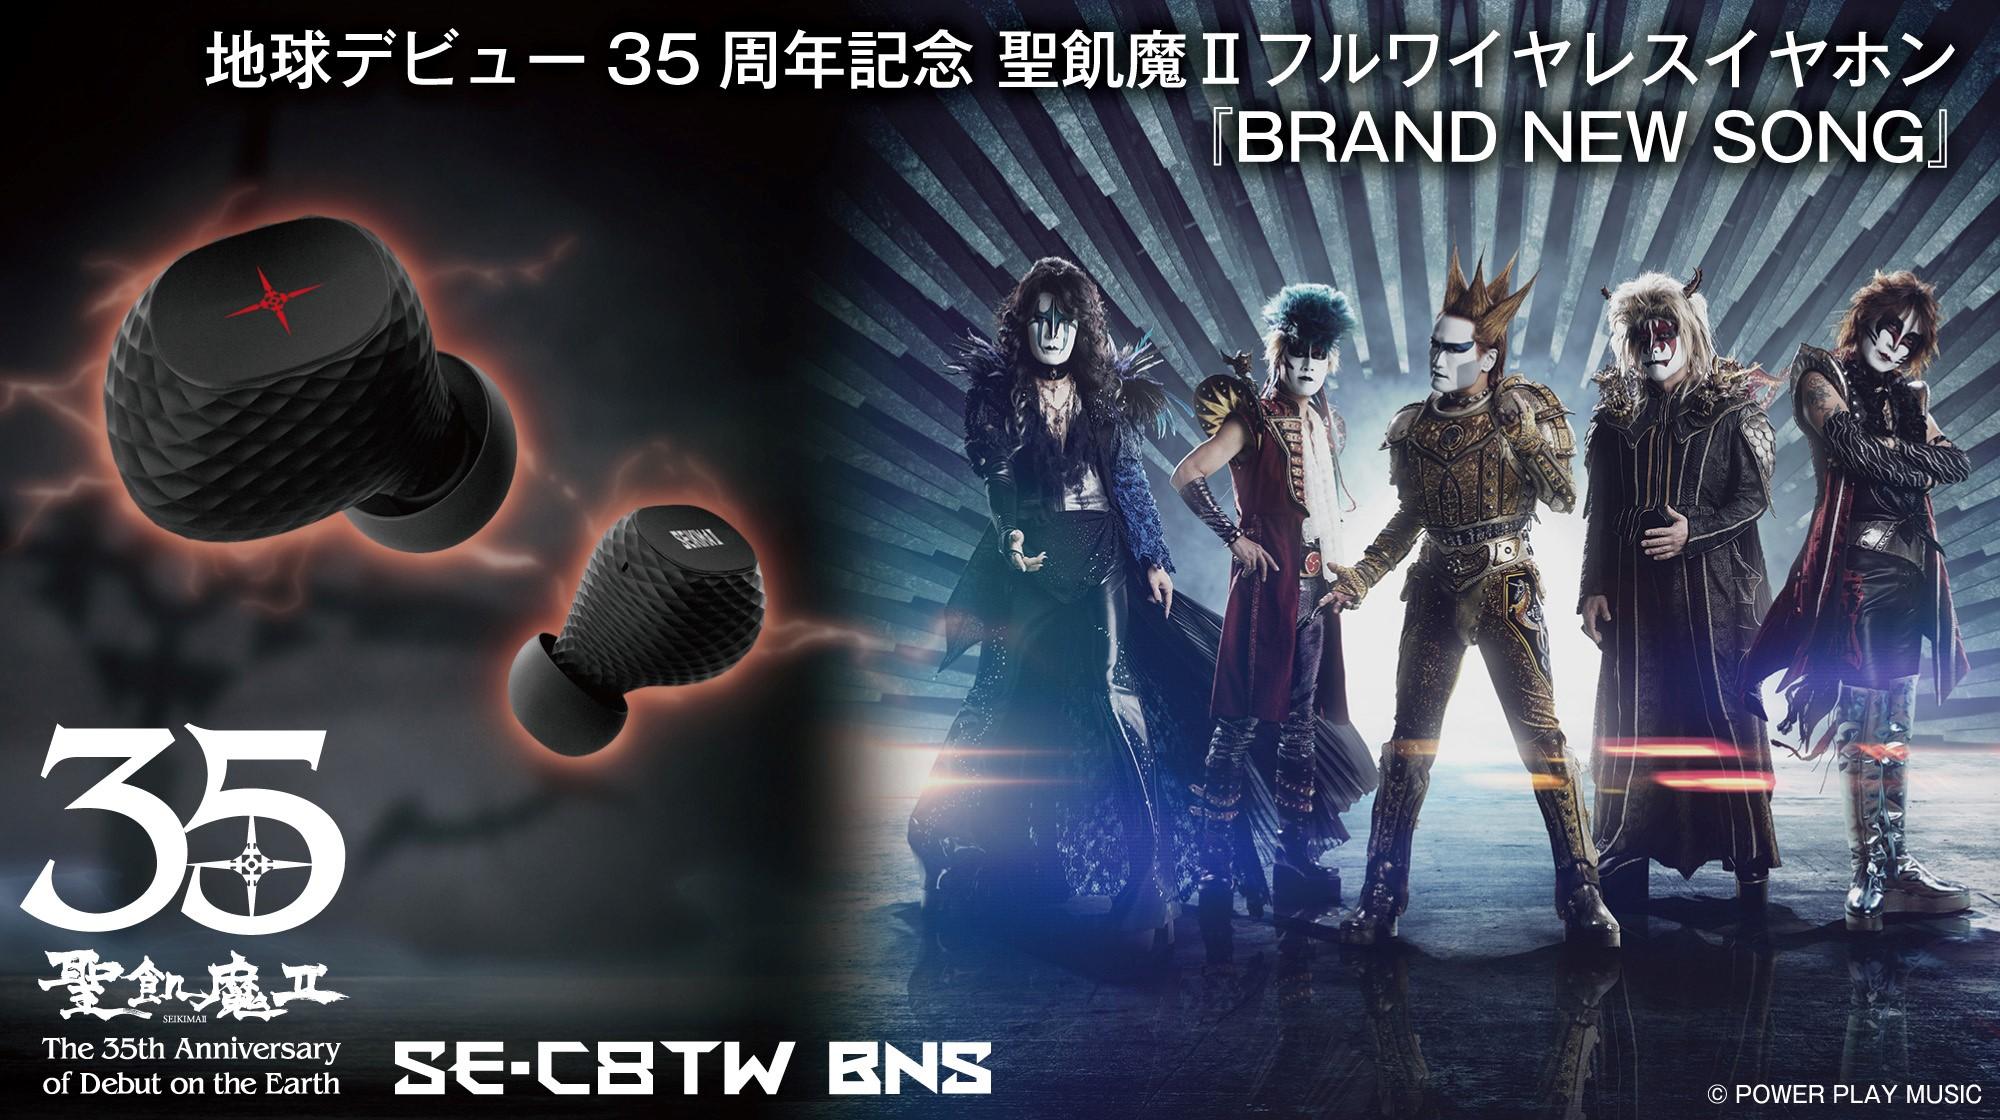 聖飢魔Ⅱ 地球デビュー35周年 ワイヤレスインナーイヤーヘッドホン BRAND NEW SONG